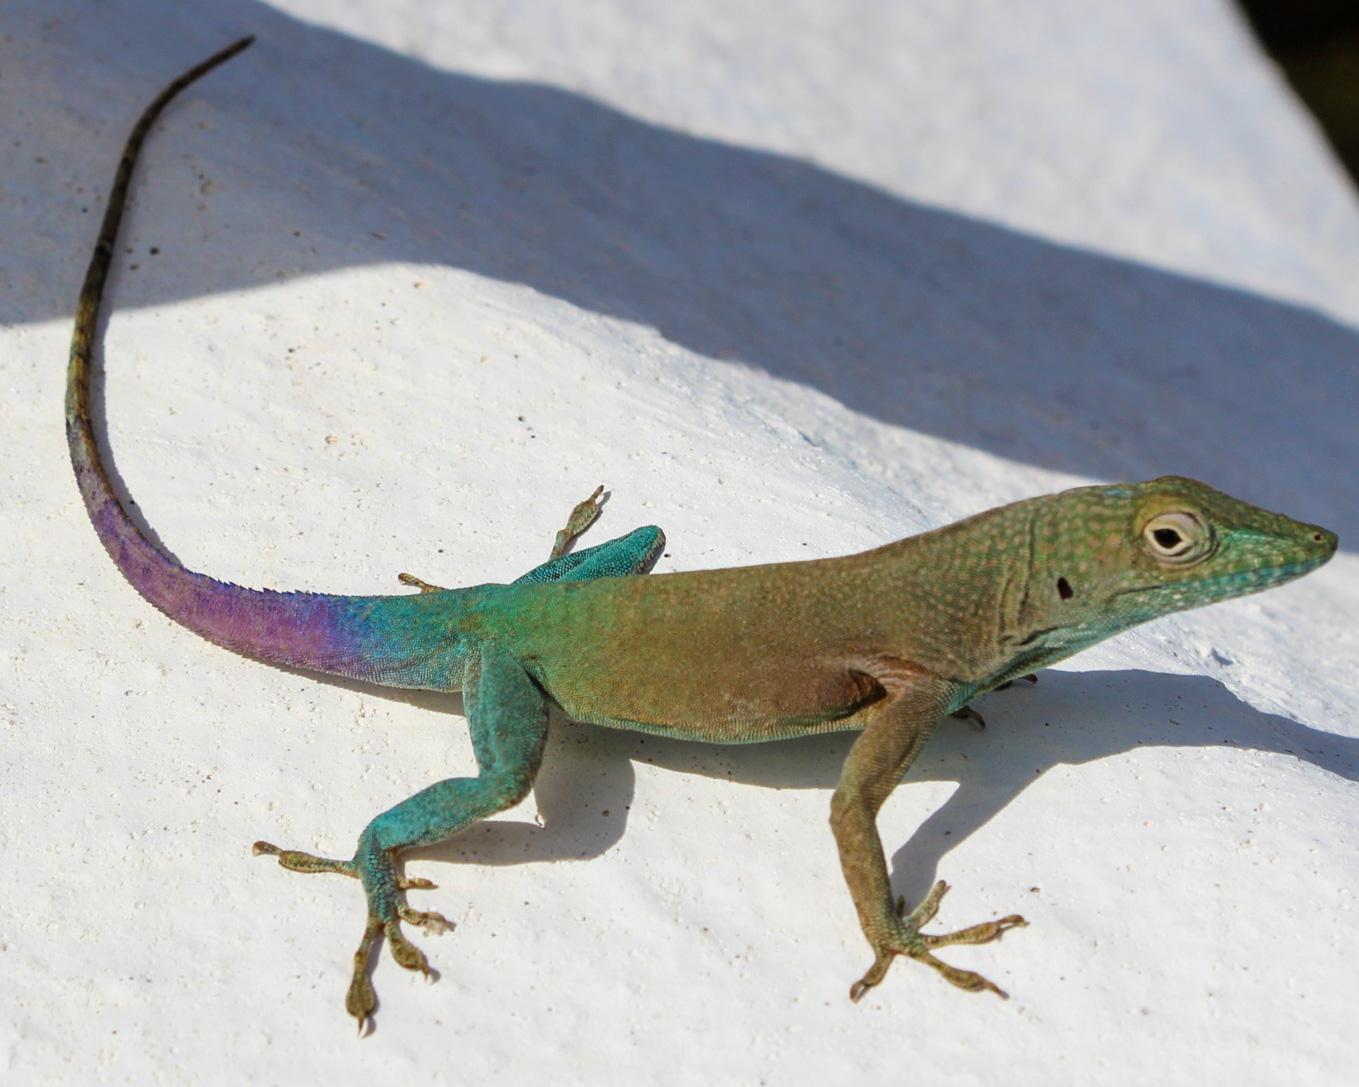 photo of a colorful lizard in Bermuda